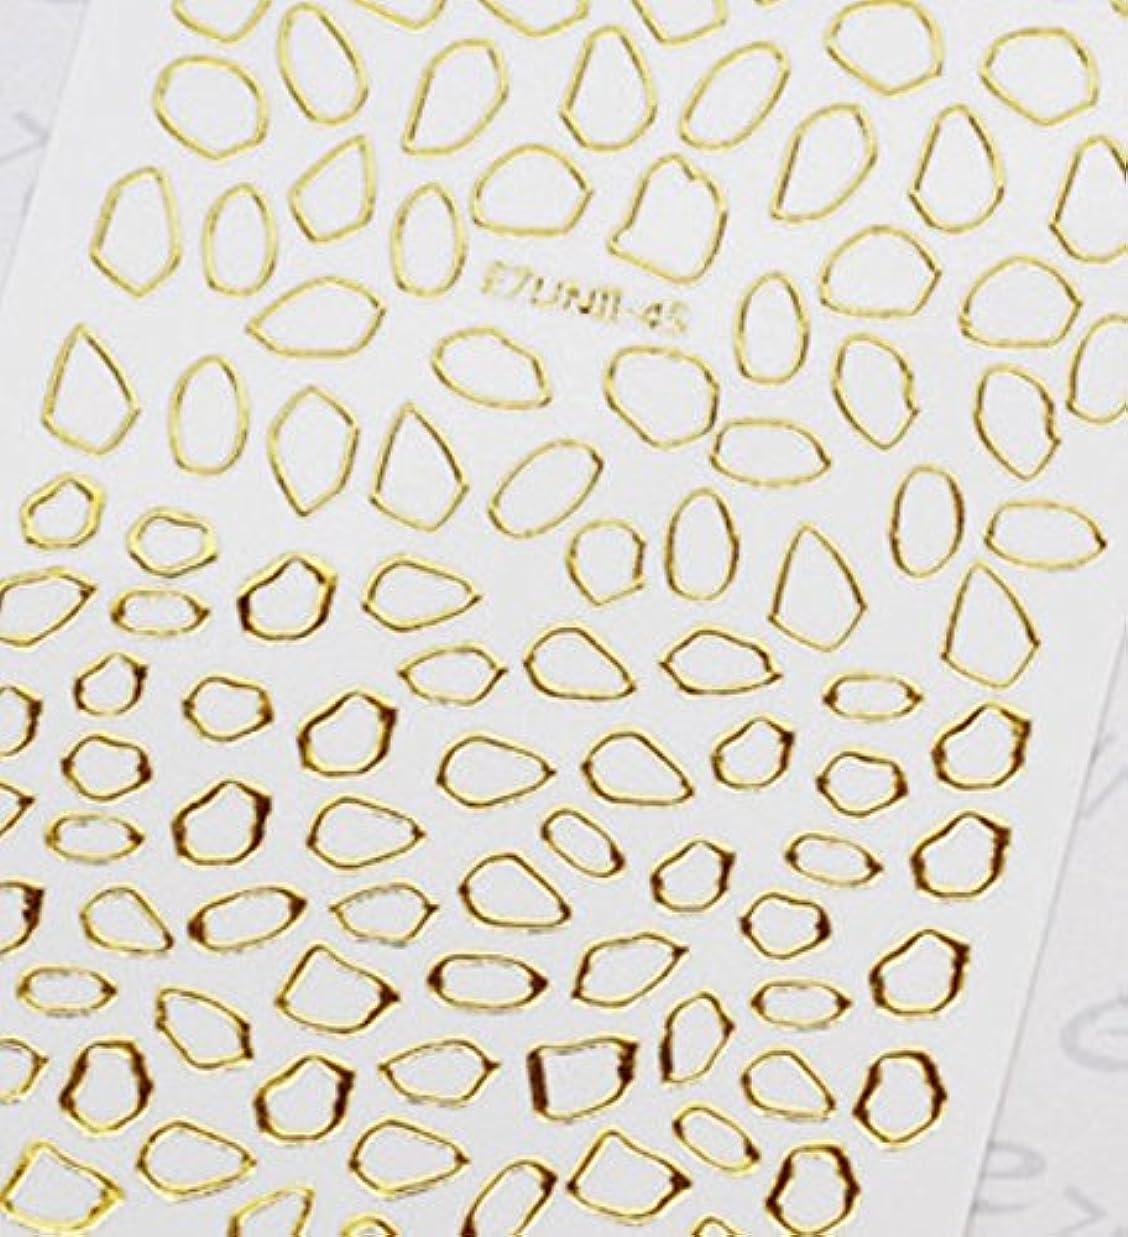 反発するアリーナバレーボール極薄直接貼るタイプ ネイルシール スティッカー 枠 変形フレーム 垂らしこみアート用 多種多様なデザインに対応可能 ゴールド 金色 45番